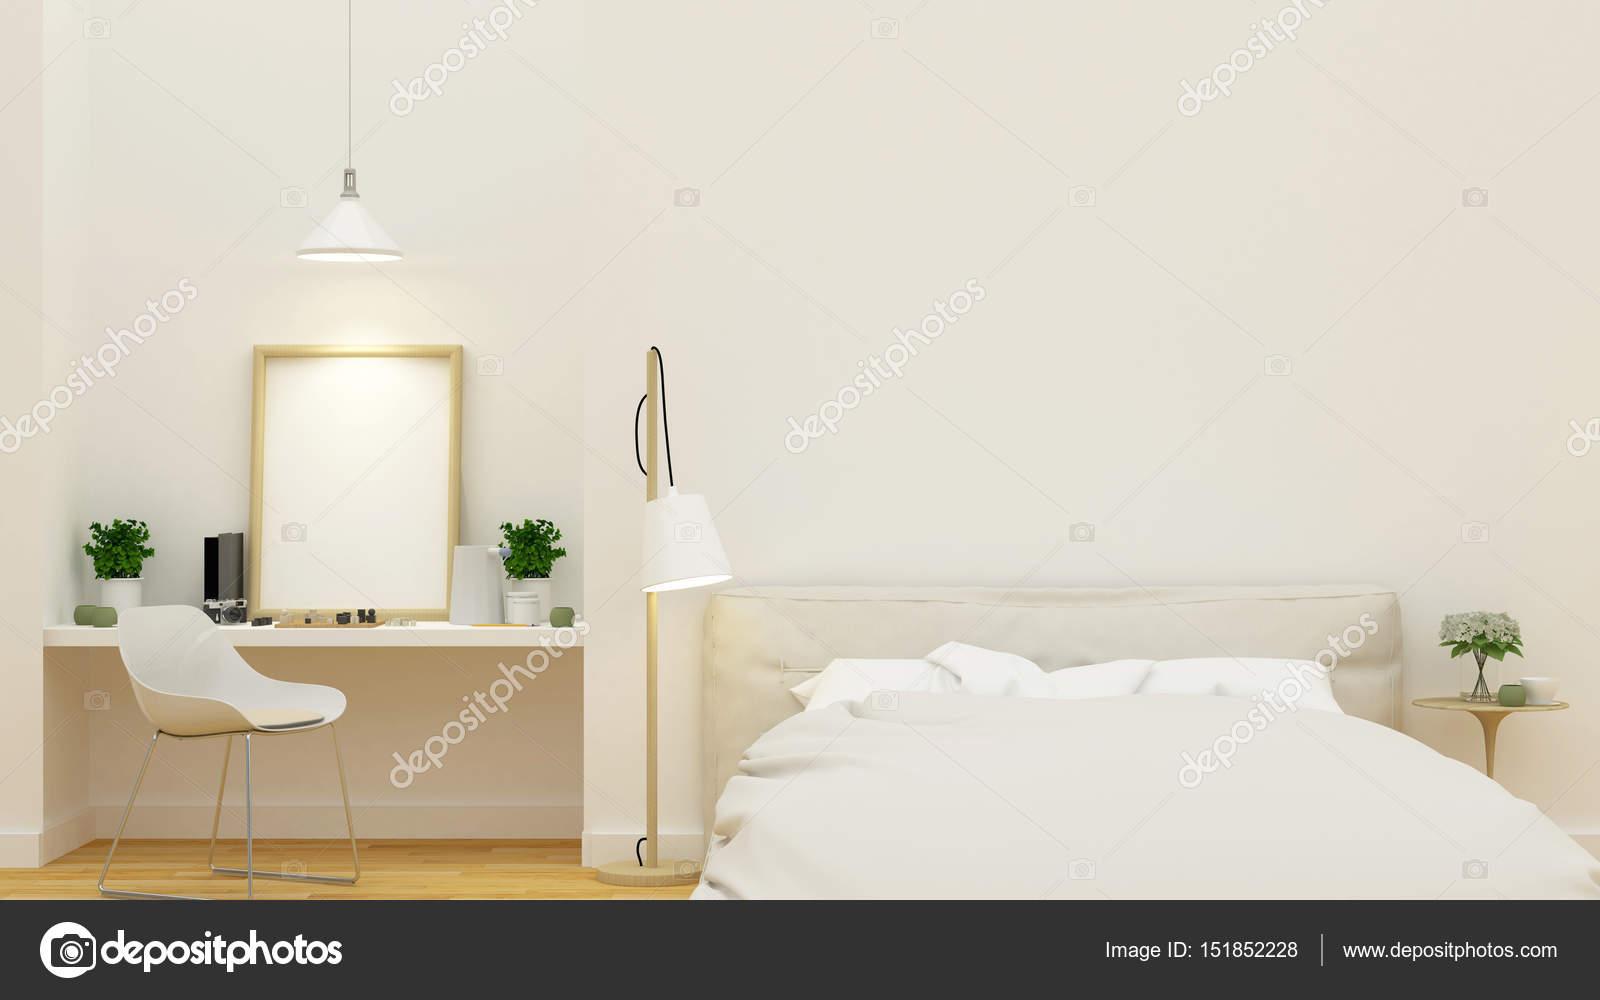 Slaapkamer en werkruimte schone ontwerp - 3d Rendering — Stockfoto ...